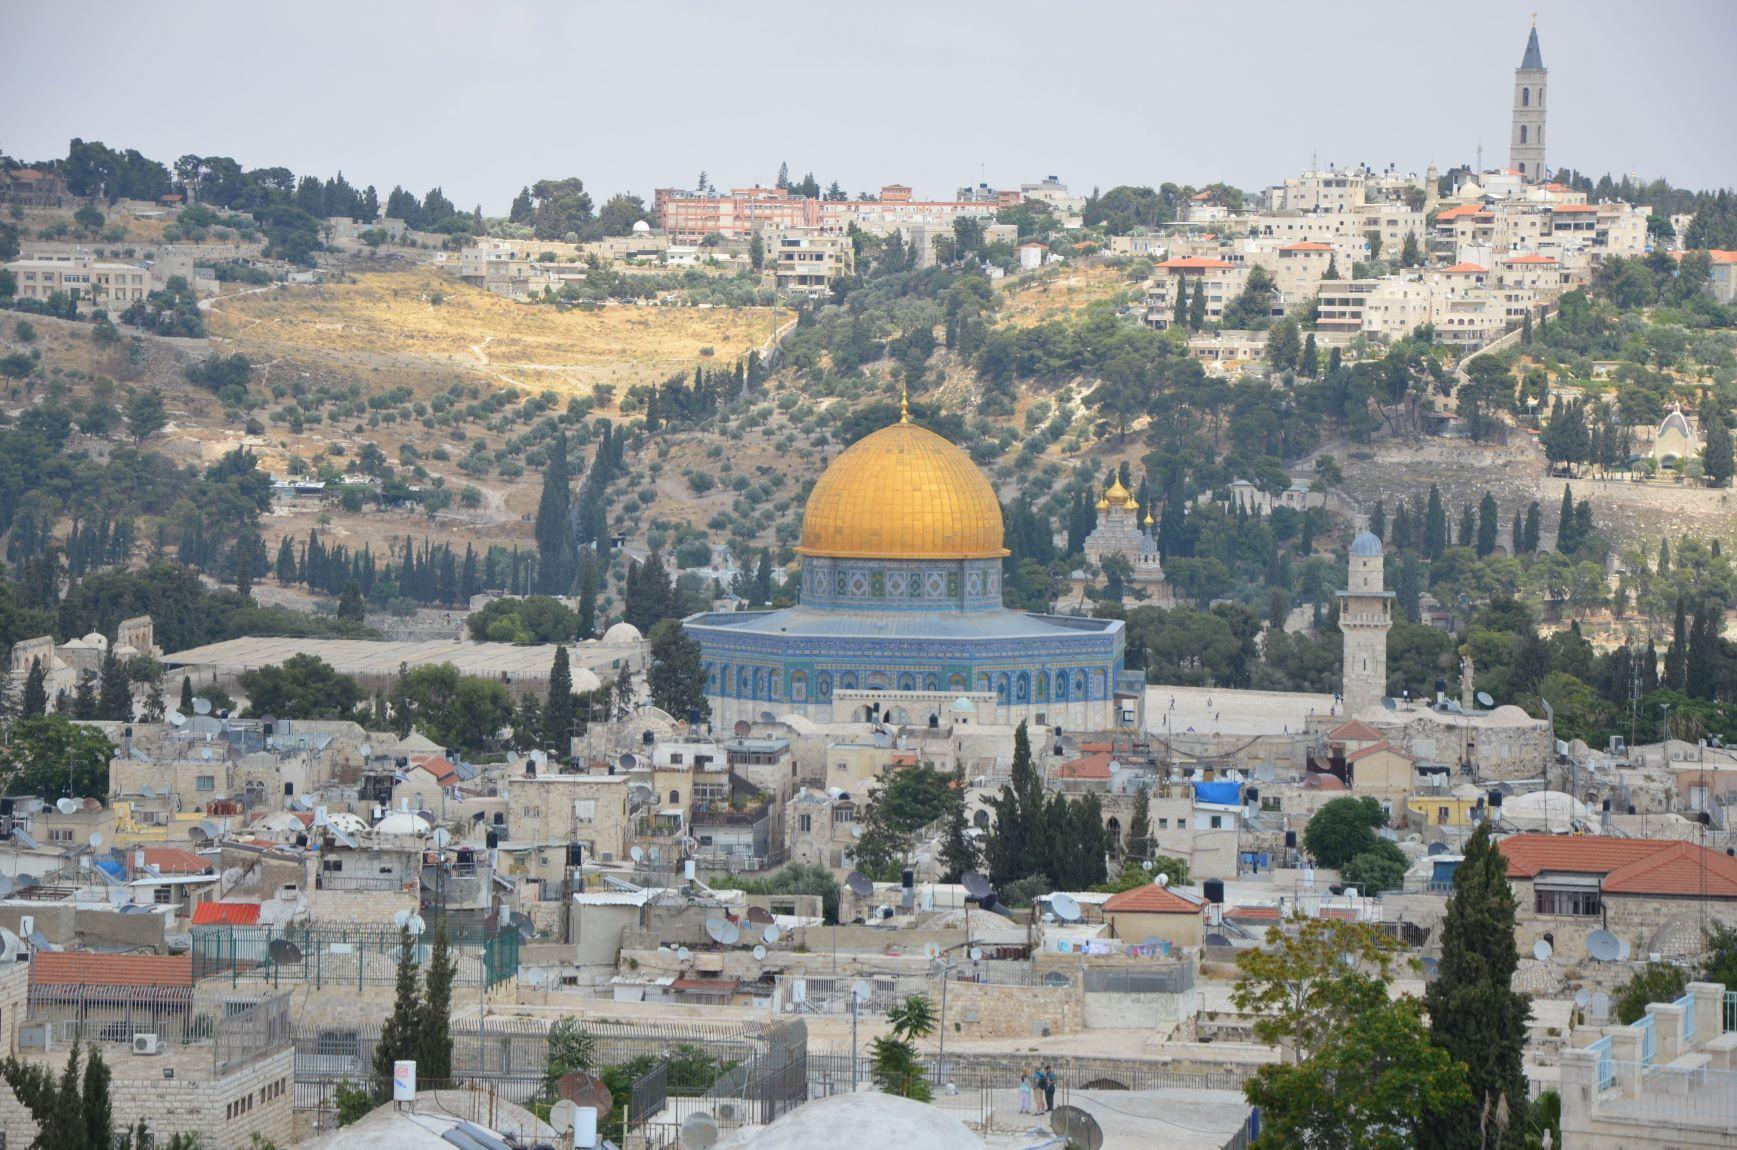 Strijd om het Heilig Land: Het ontstaan van het Israelisch-Palestijns Conflict (19e eeuw - 1967)